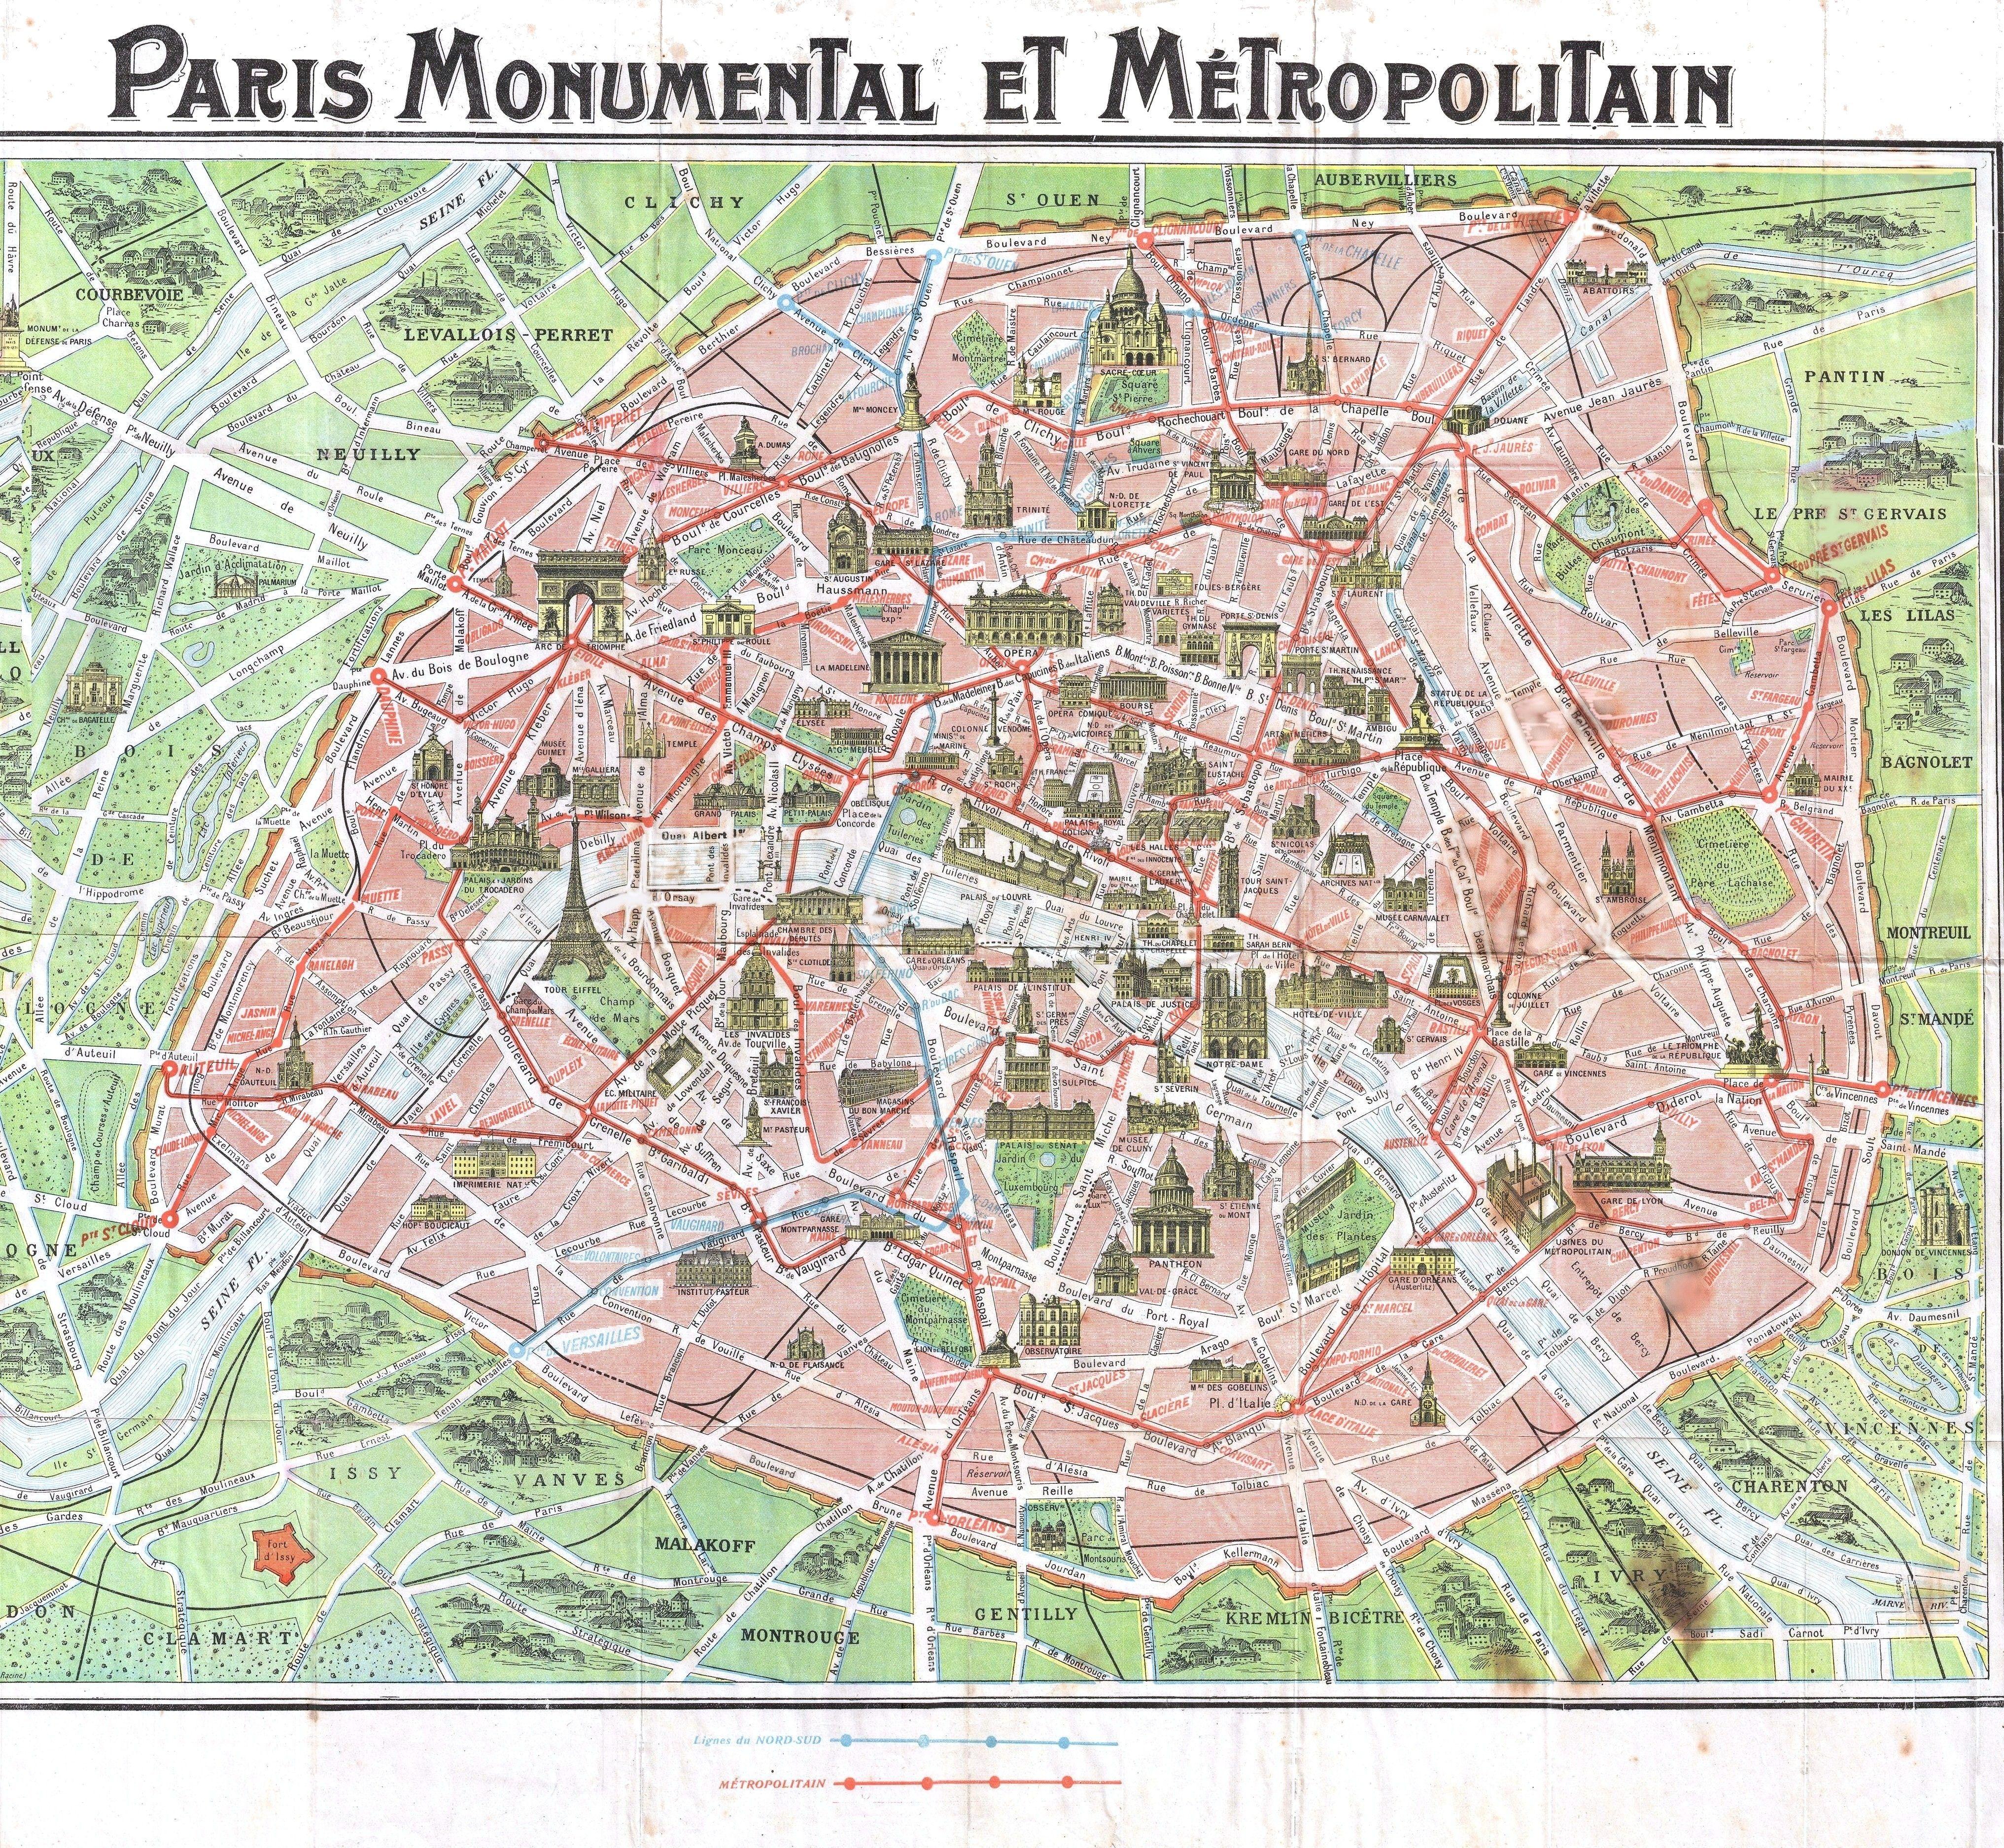 Paris Map - Free Printable | Paris | Pinterest | Éduquer, Haussmann - Free Printable Map Of Paris